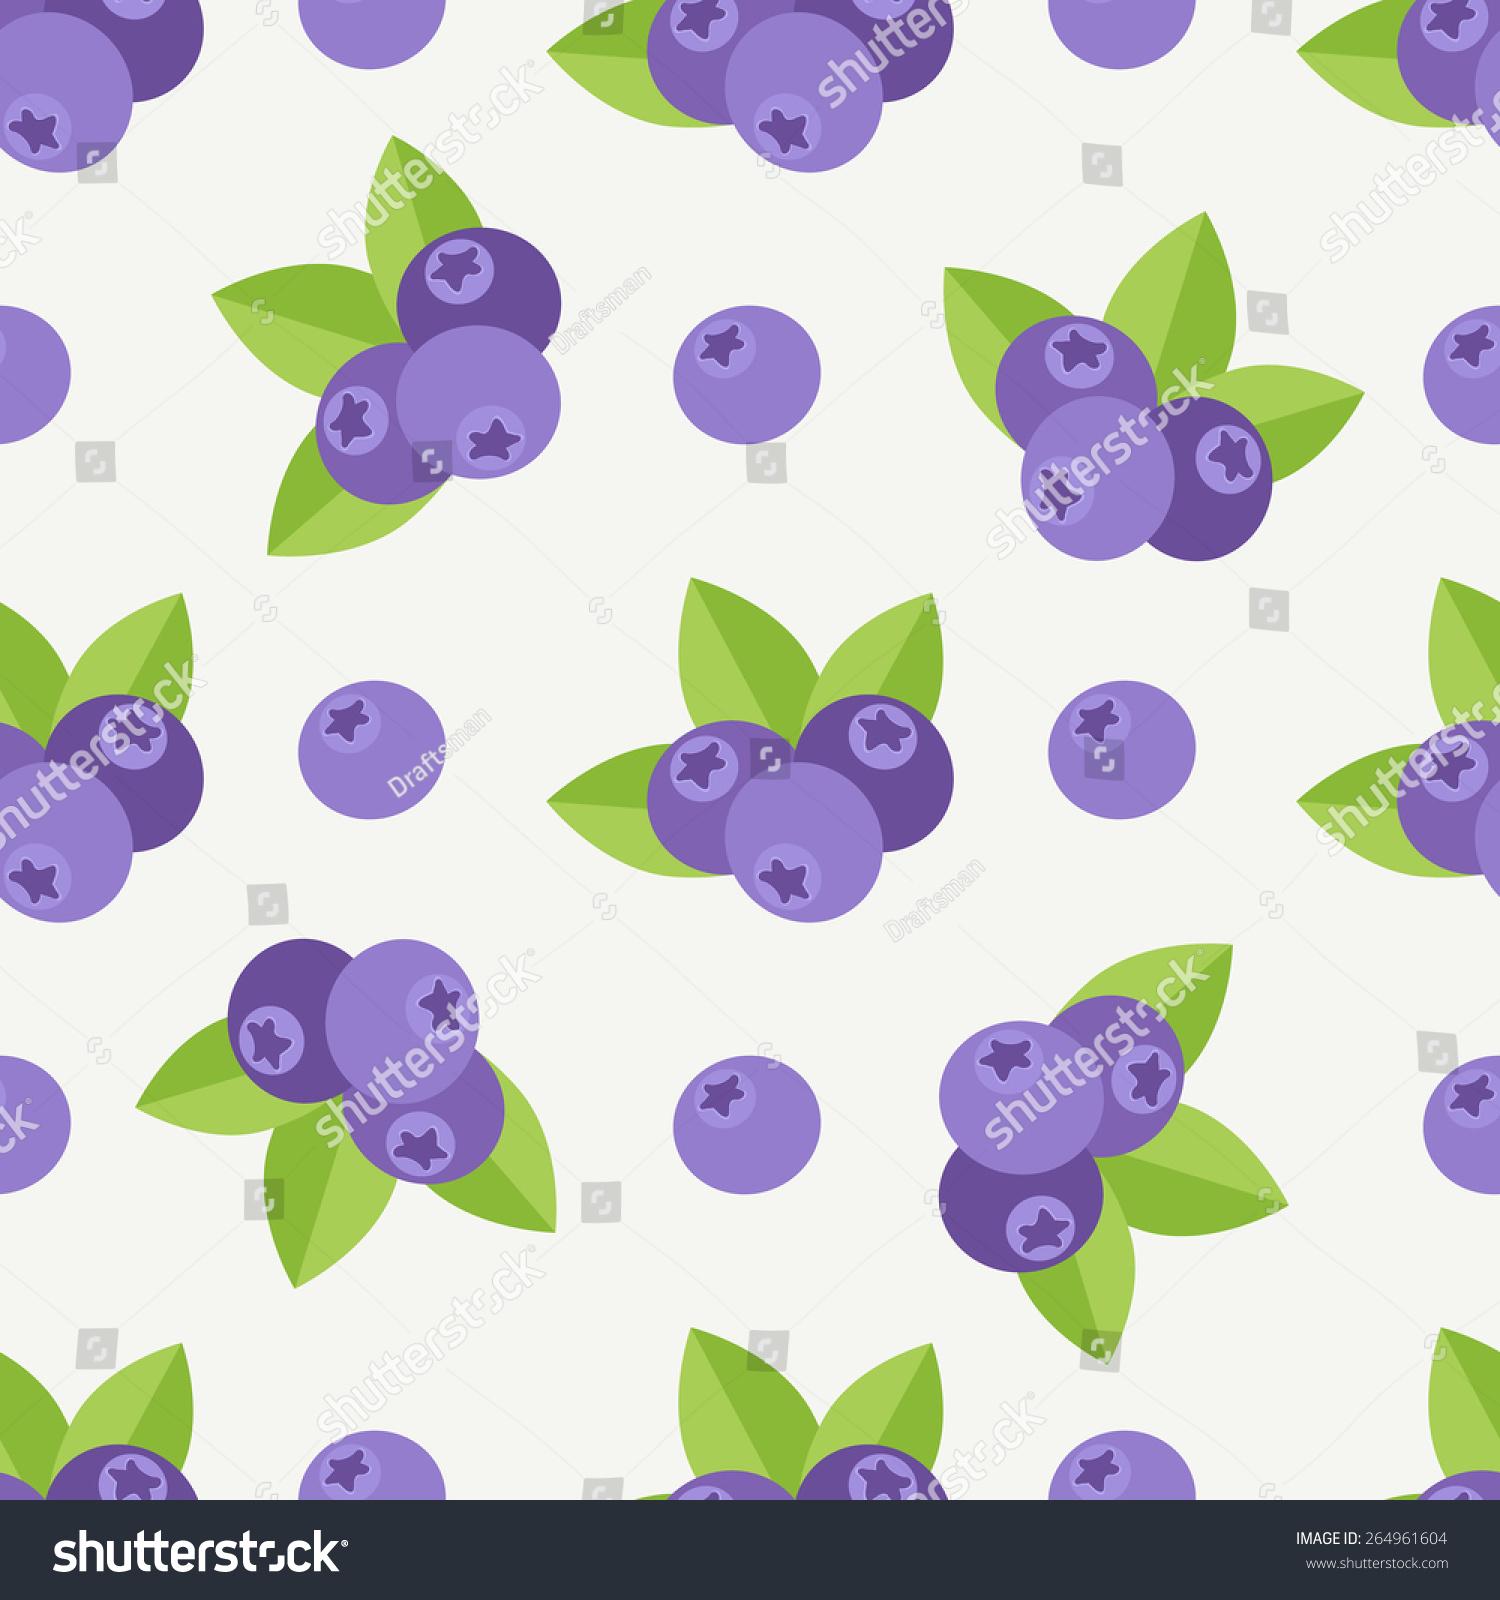 与蓝莓无缝模式.为你的设计装饰主题-背景/素材,食品